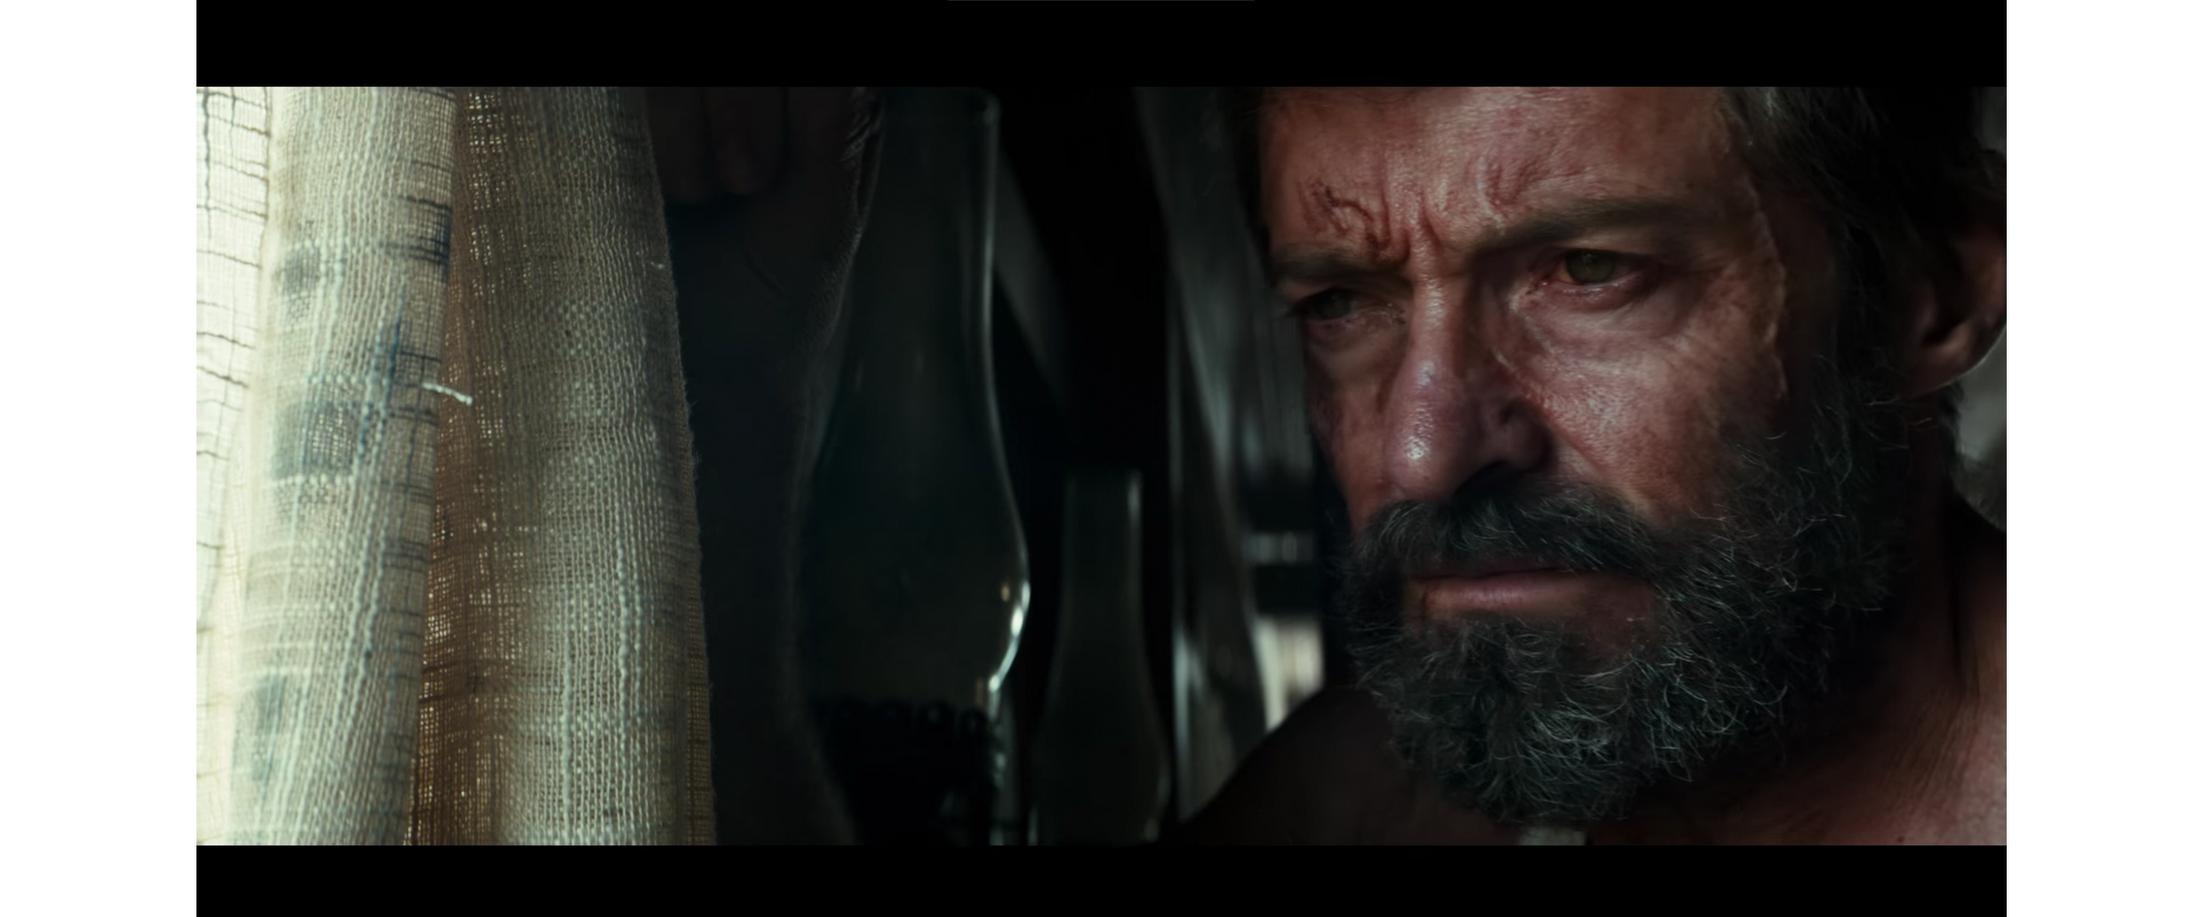 [Перевод] Как компания 20th Century Fox использует машинное обучение для предсказания аудитории фильма